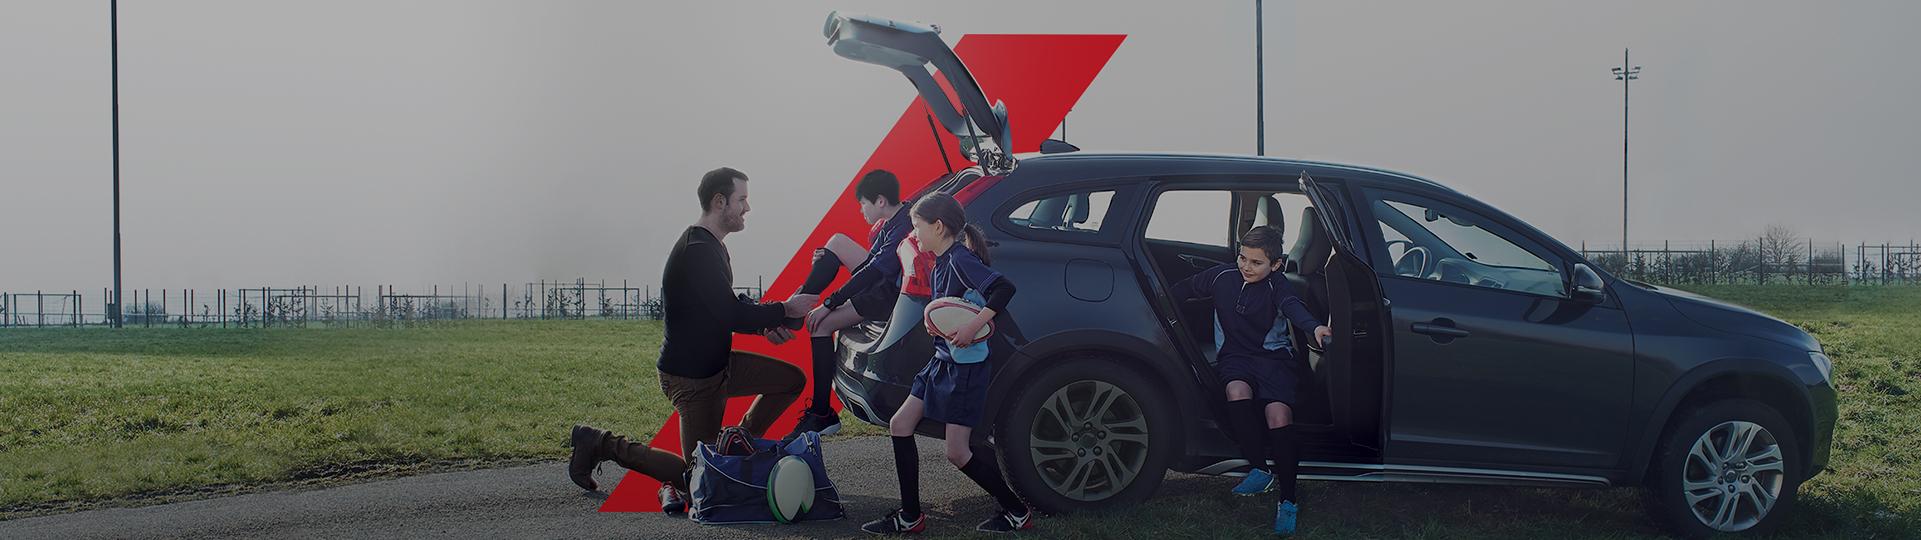 Autoversicherung | AXA Assurances Luxembourg